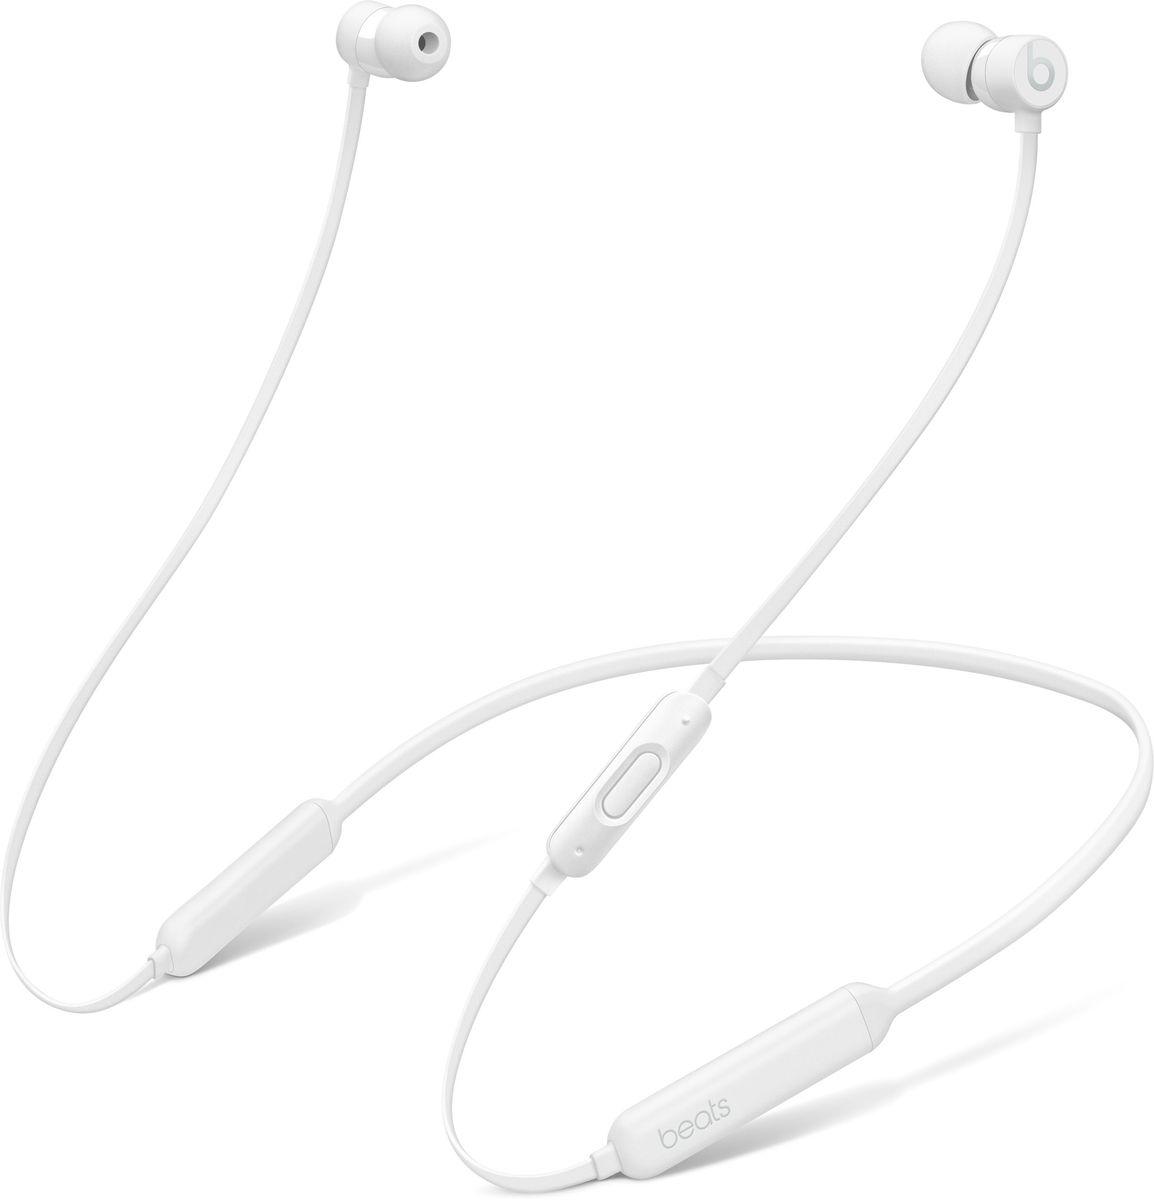 BeatsX, White наушникиMLYF2ZE/AБеспроводные наушники BeatsX станут вашим верным спутником - чем бы вы ни занимались. Чистое и естественное звучание любимой музыки будет сопровождать вас целый день - наушники могут работать без подзарядки до 8 часов. 5-минутной зарядки Fast Fuel хватит ещё на 2 часа воспроизведения. Наушники с уникальным кабелем Flex-Form можно не снимать целый день. Различные вкладыши и дополнительные крепления позволяют отрегулировать наушники так, чтобы они держались надёжно. А ещё их очень удобно носить с собой в кармане.Наушники BeatsX работают с полной отдачей. Изящные, лёгкие и компактные, они станут вашим идеальным компаньоном - и вы не запутаетесь в проводах. Включите их и поднесите к своему iPhone - они мгновенно подключатся к нему, а заодно и к вашим Apple Watch, iPad и Mac. Наушники BeatsX с технологией Bluetooth класса 1 обеспечивают наилучшее качество беспроводной связи.Чёткое воспроизведение всех частот и усовершенствованная шумоизоляция обеспечивают объёмное и естественное звучание. Инновационная акустика чисто и без искажений воспроизводит как высокие, так и низкие частоты и позволяет слушать музыку любых жанров в наилучшем качестве.Наушники BeatsX невероятно удобны - вы можете носить их целый день. Даже если вы выключите музыку и повесите их на шею, они не будут вам мешать. Уникальный гибкий кабель Flex-Form, различные вкладыши и дополнительные крепления помогут вам отрегулировать наушники так, чтобы они держались надёжно, и вам было удобно их носить. Благодаря магнитным элементам наушники не запутаются, когда вы их снимете. К тому же их легко свернуть, и они займут совсем немного места.Пульт RemoteTalk со встроенным микрофоном позволяет отвечать на звонки, управлять воспроизведением, регулировать громкость и активировать Siri. Удобные элементы управления помогут вам легко переключаться между самыми разными задачами. Чем бы вы ни занимались - беспроводные наушники BeatsX станут вашим постоянным спутником.